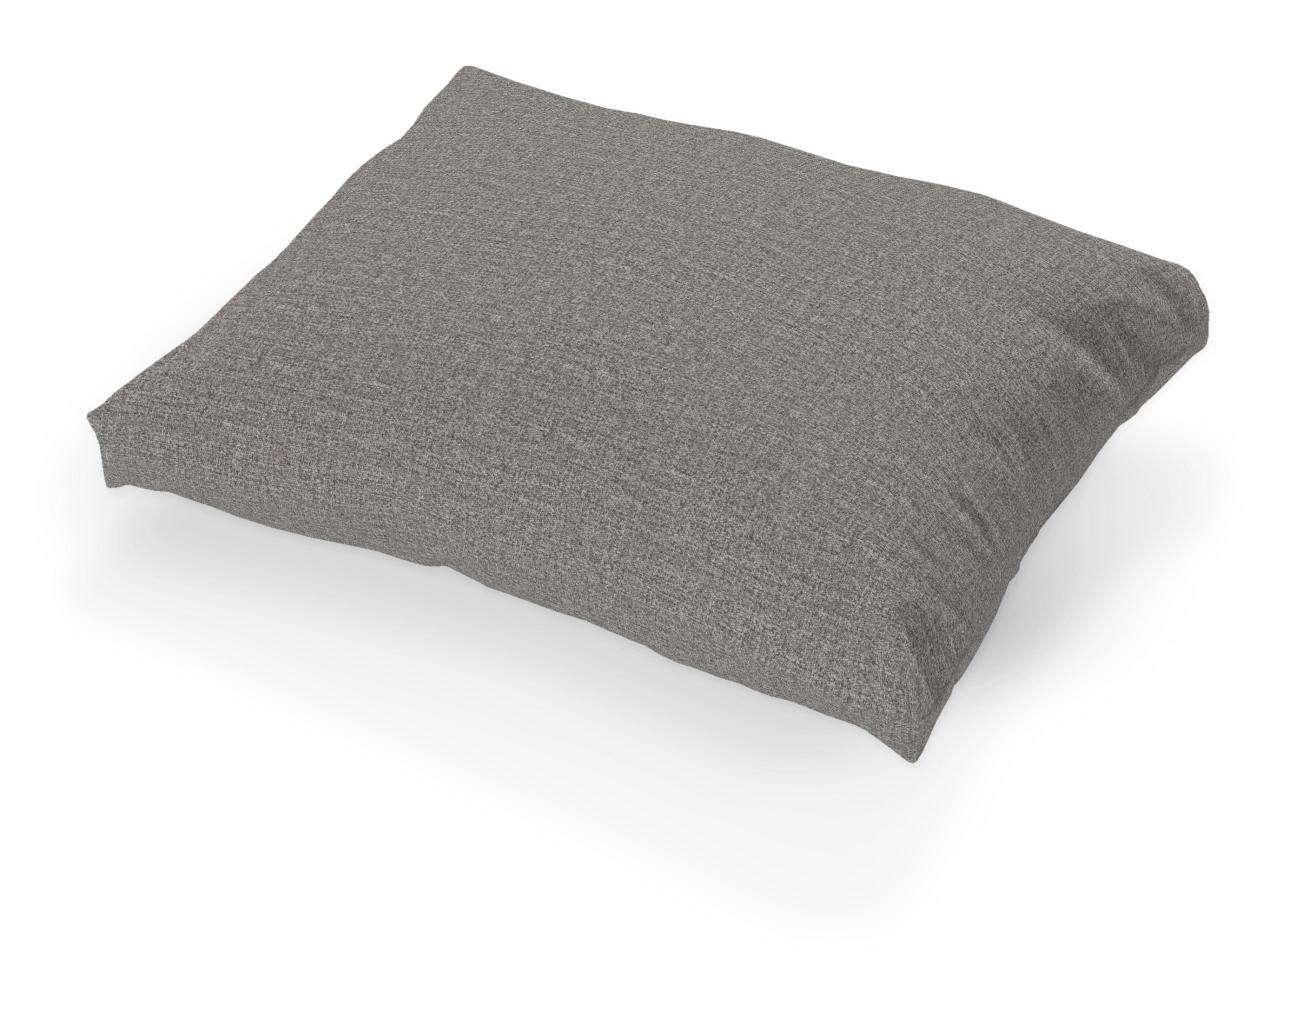 Tylösand pagalvėlės užvalkalas Tylösand pagalvėlė kolekcijoje Edinburgh , audinys: 115-81